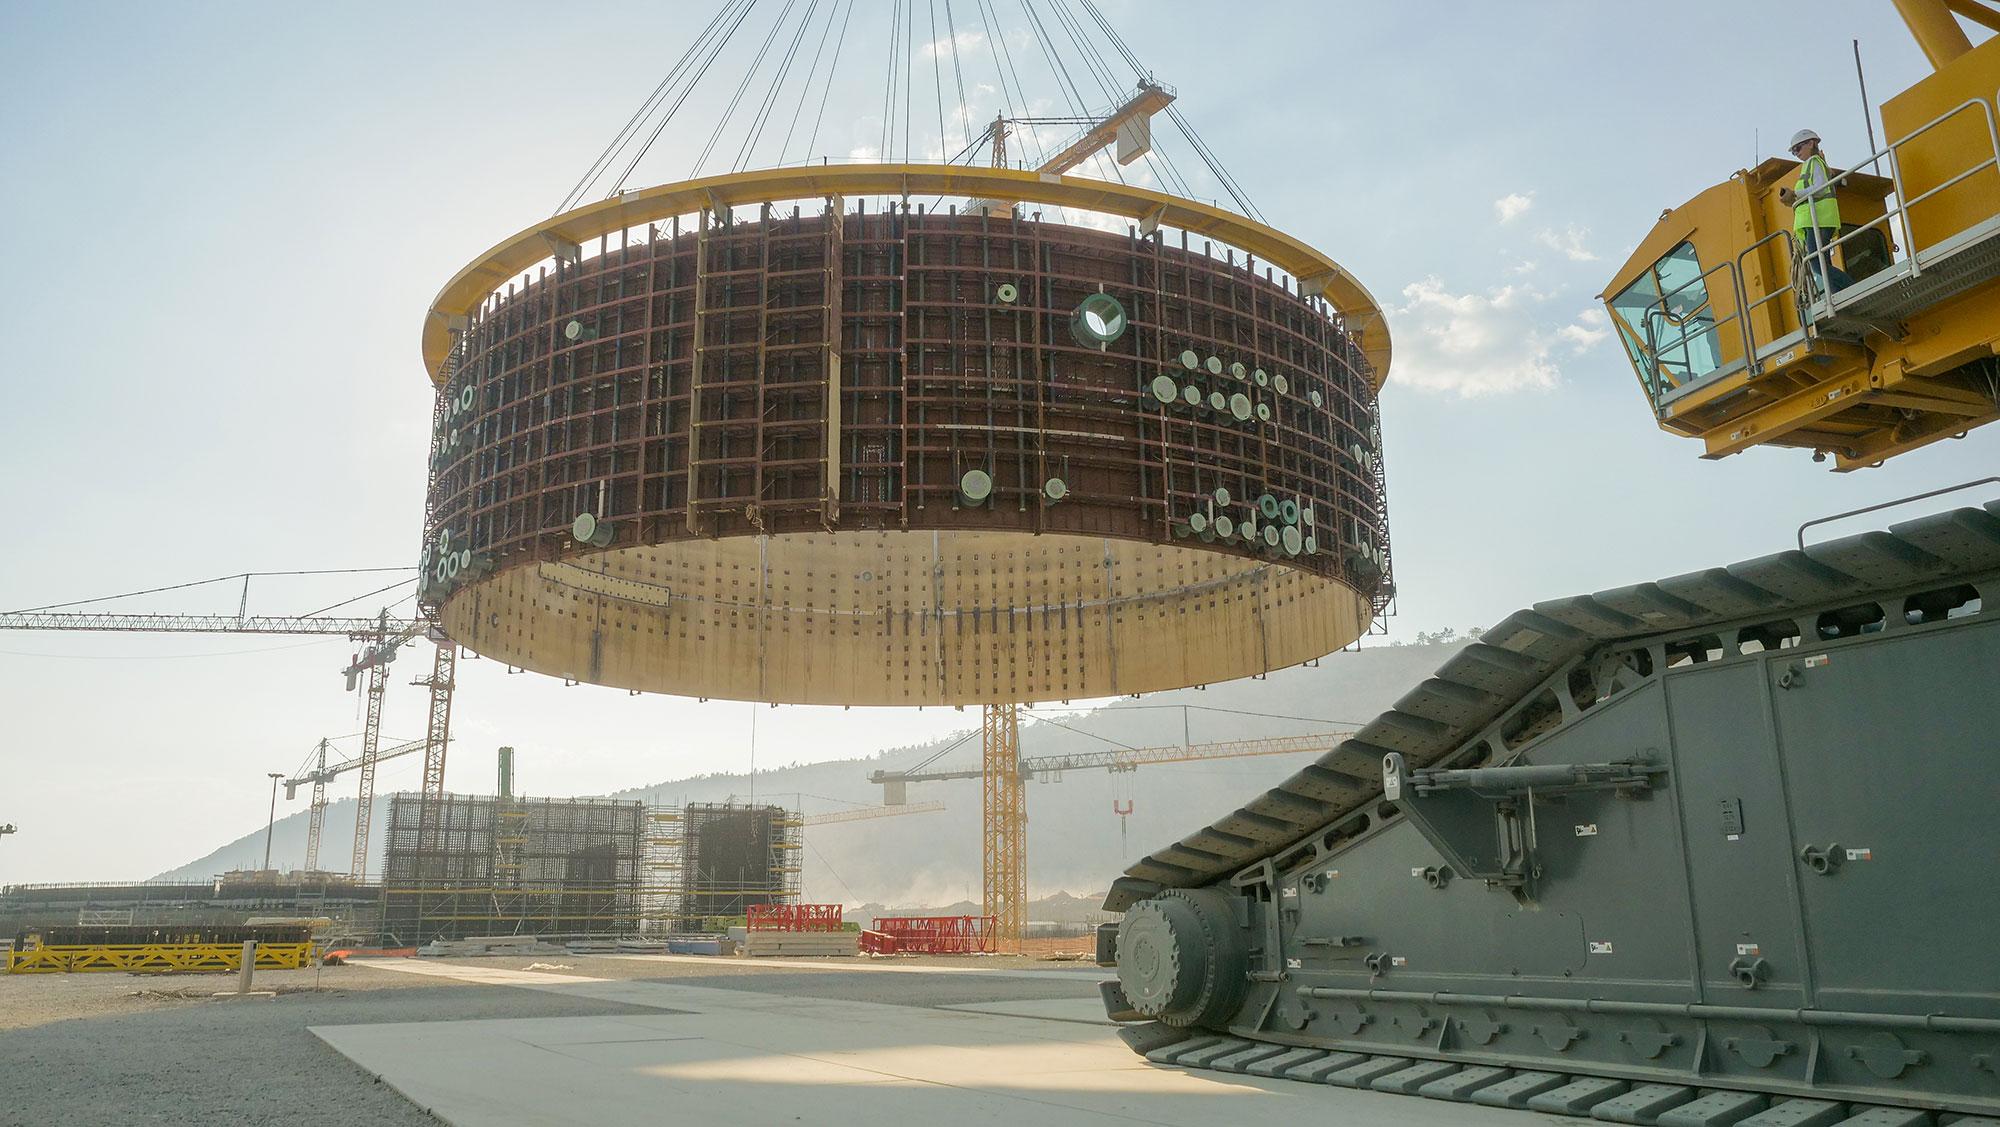 На строительной площадке первого энергоблока турецкой АЭС «Аккую» смонтирован второй ярус внутренней защитной оболочки (ВЗО) реакторного здания